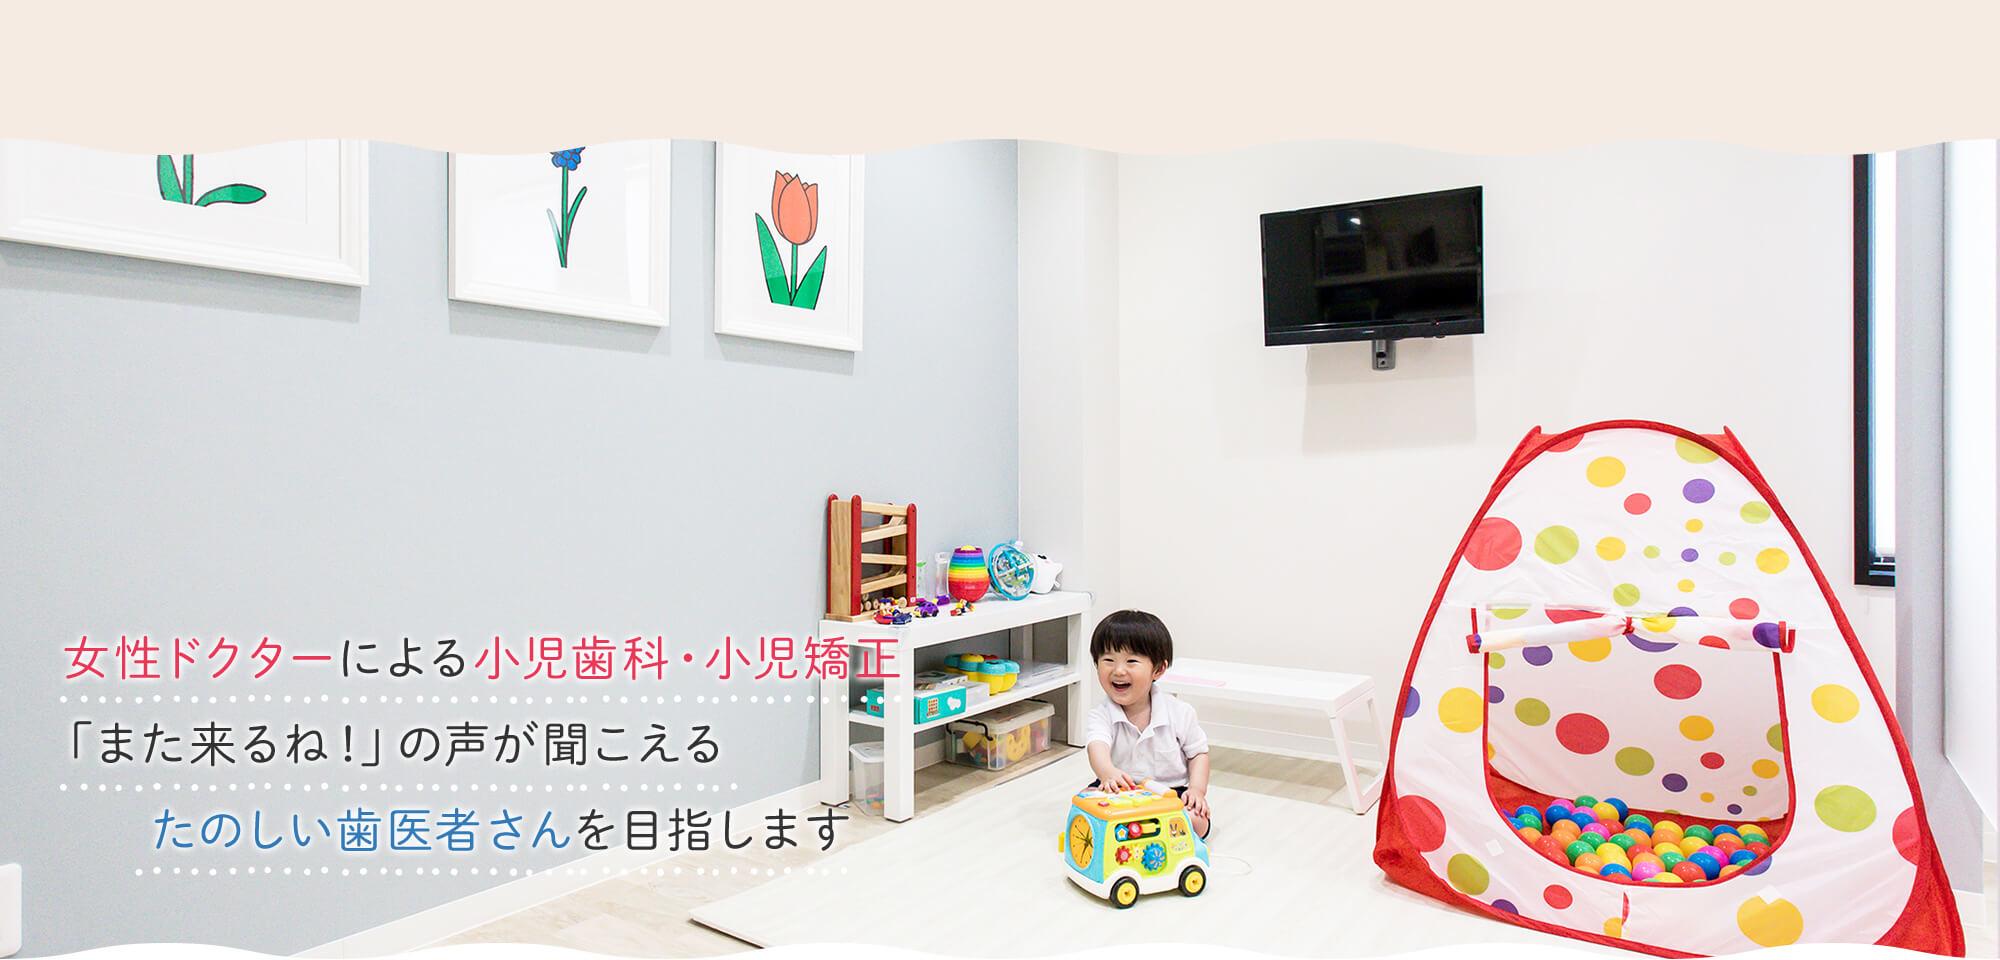 岡山市のひだまり歯科は女性ドクターによる小児歯科・小児矯正「また来るね!」の声が聞こえるたのしい歯医者さんを目指します